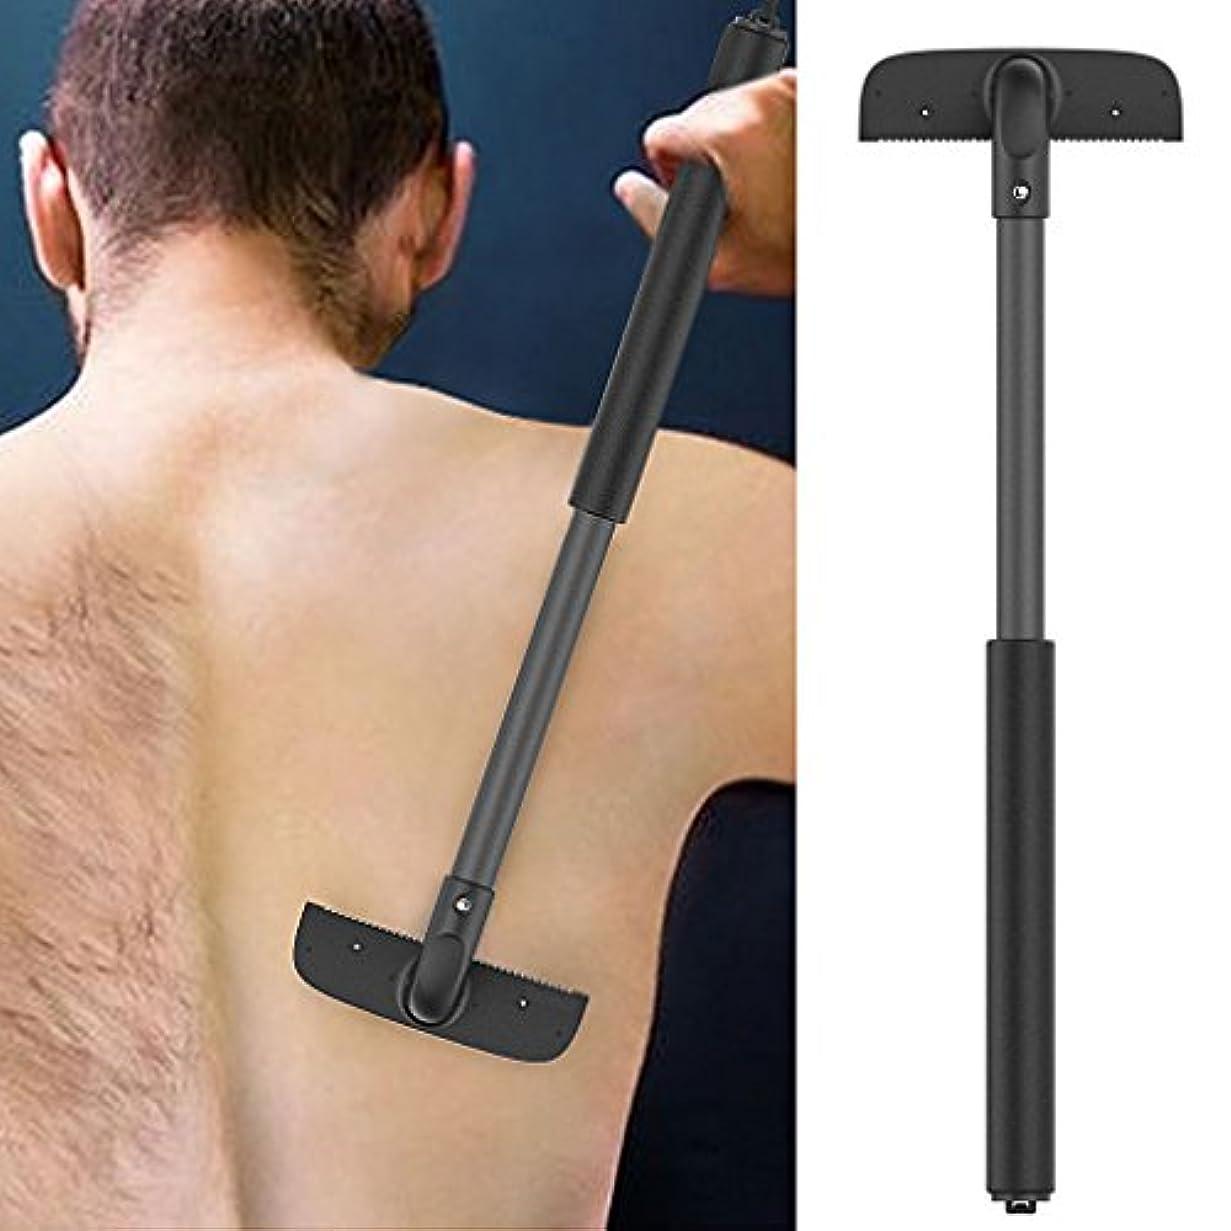 これまでこんにちは分注するChunse バックヘアとボディシェーバー、バック脱毛、ボディシェーバー、男性のための剃刀、調節可能なハンドル、伸縮可能なトリマー剃刀セルフグロマーツール